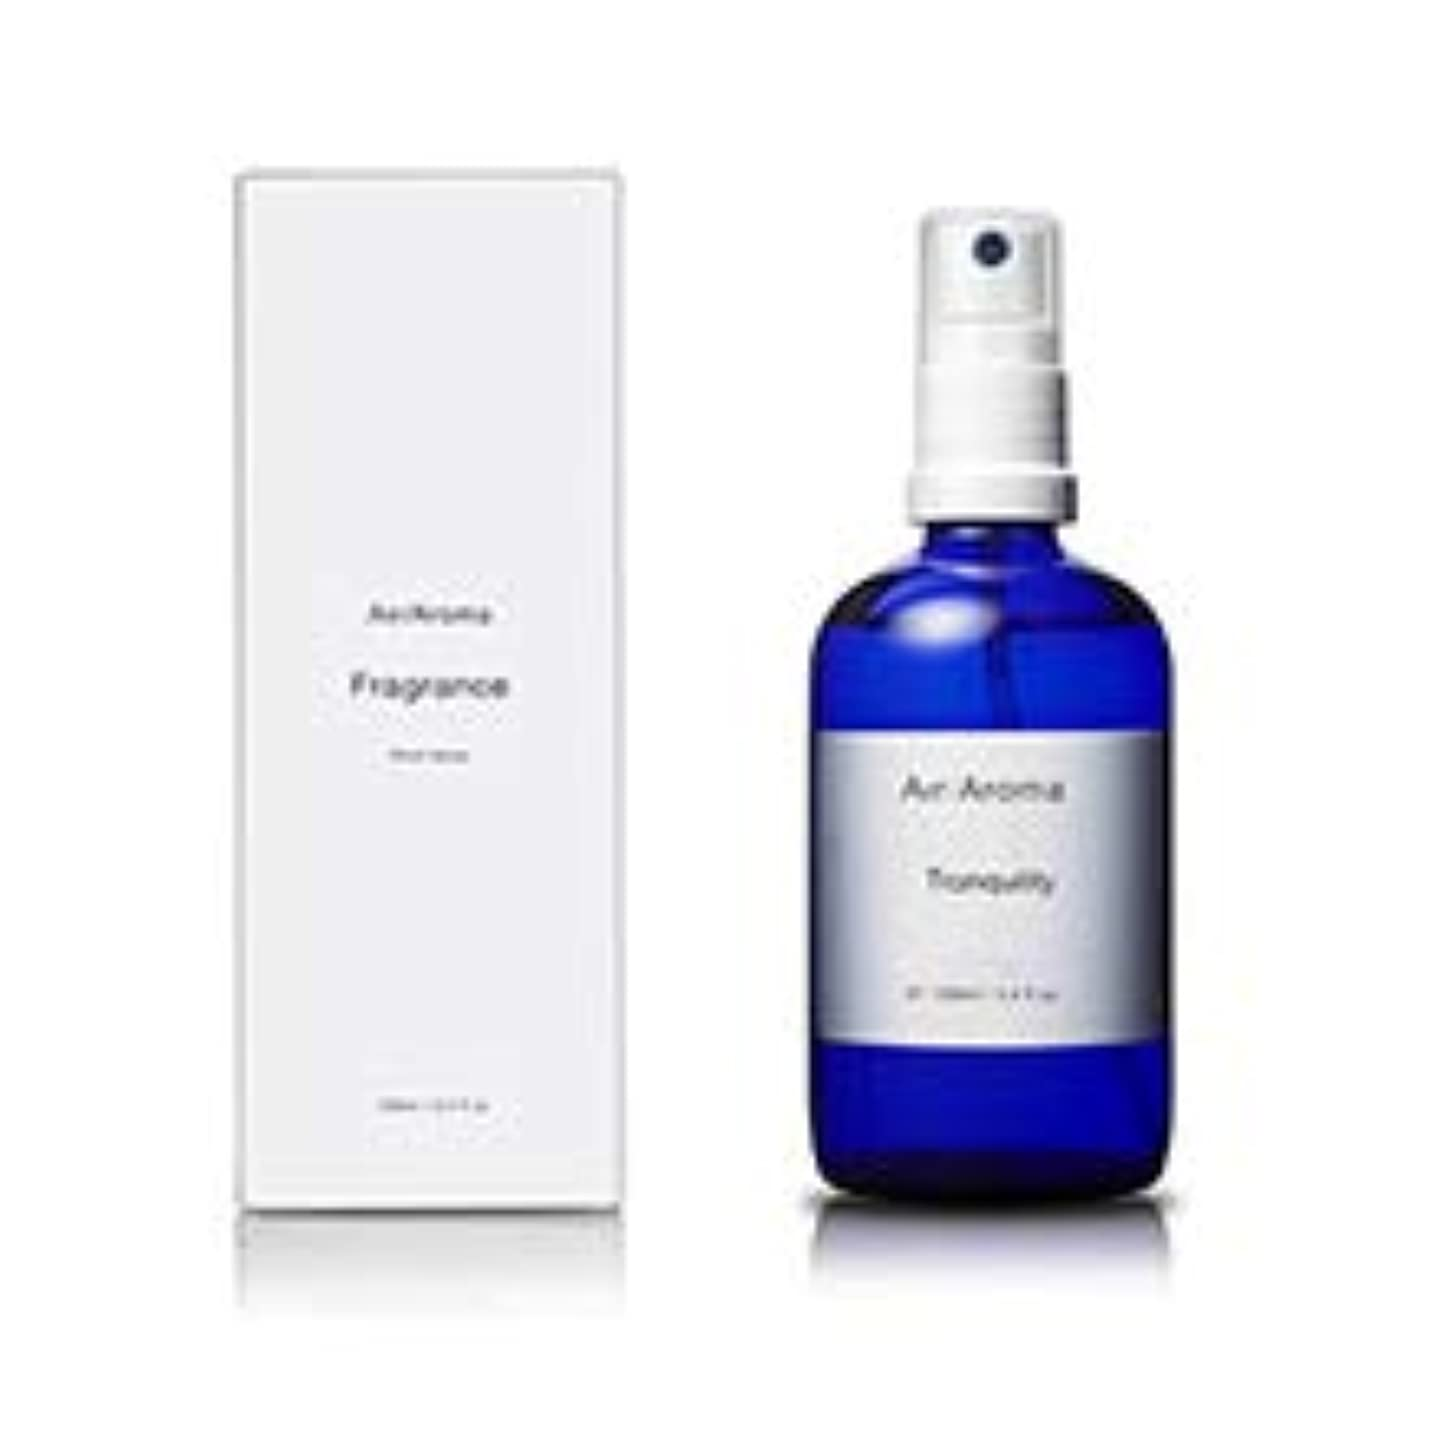 振り子閉じ込める唇エアアロマ tranquility room fragrance (トランキリティー ルームフレグランス) 100ml